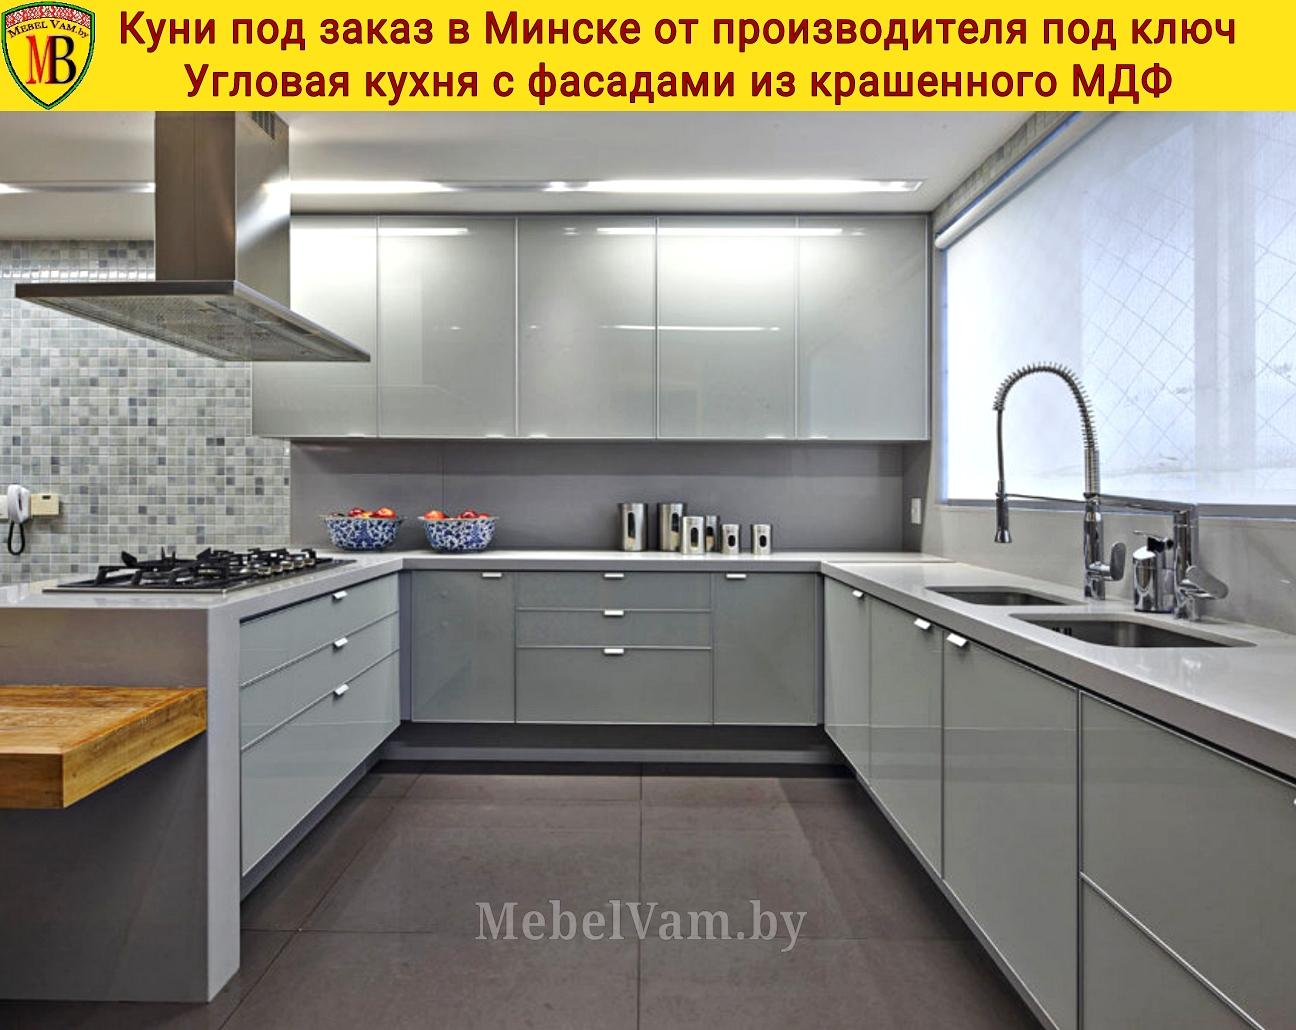 modulnye_kuhni_foto